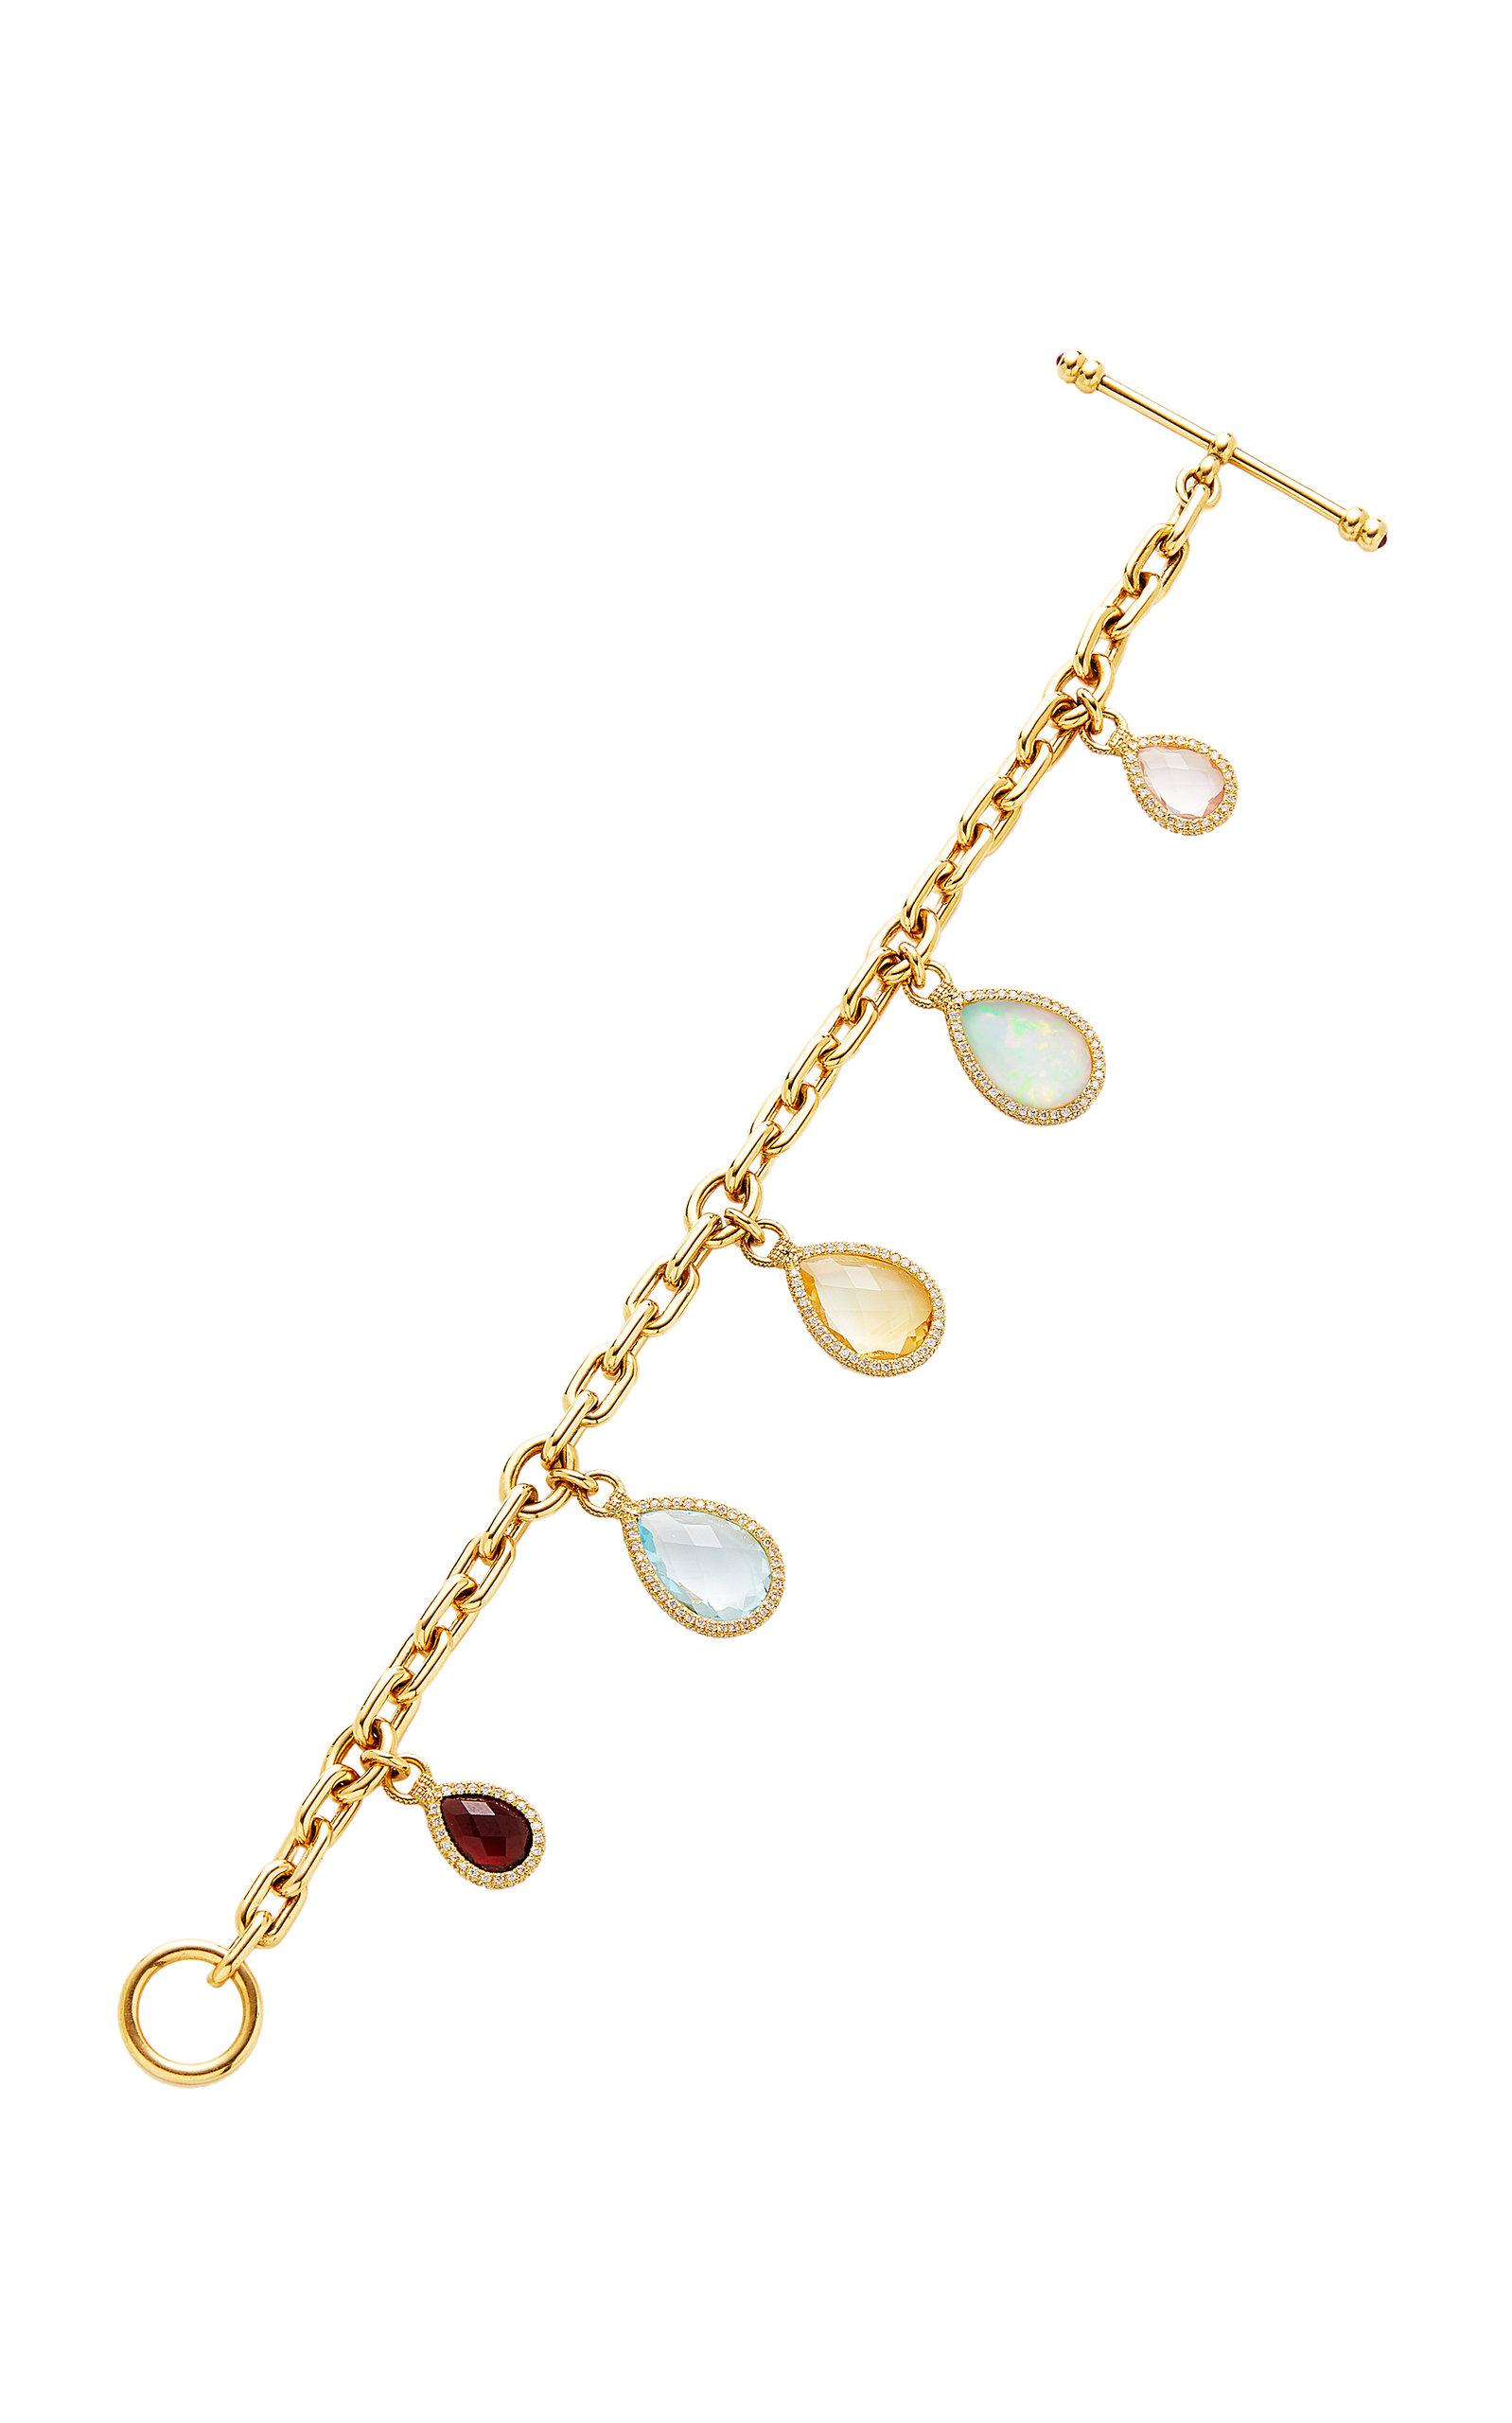 NINA RUNSDORF Flip Charm Bracelet in Gold